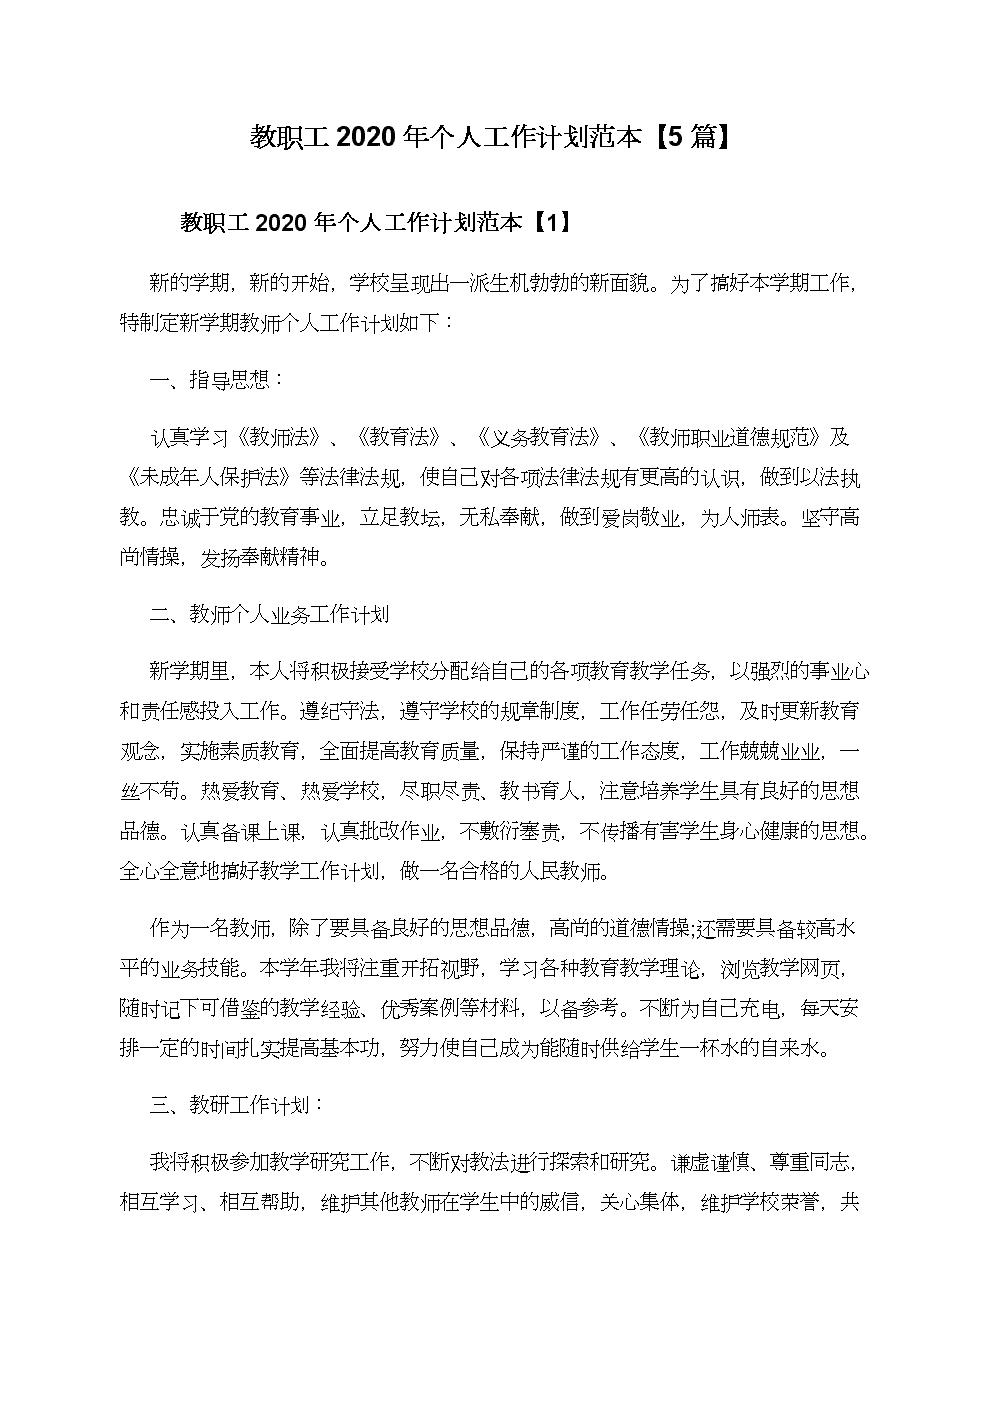 教职工2020年个人工作计划范本【5篇】.doc